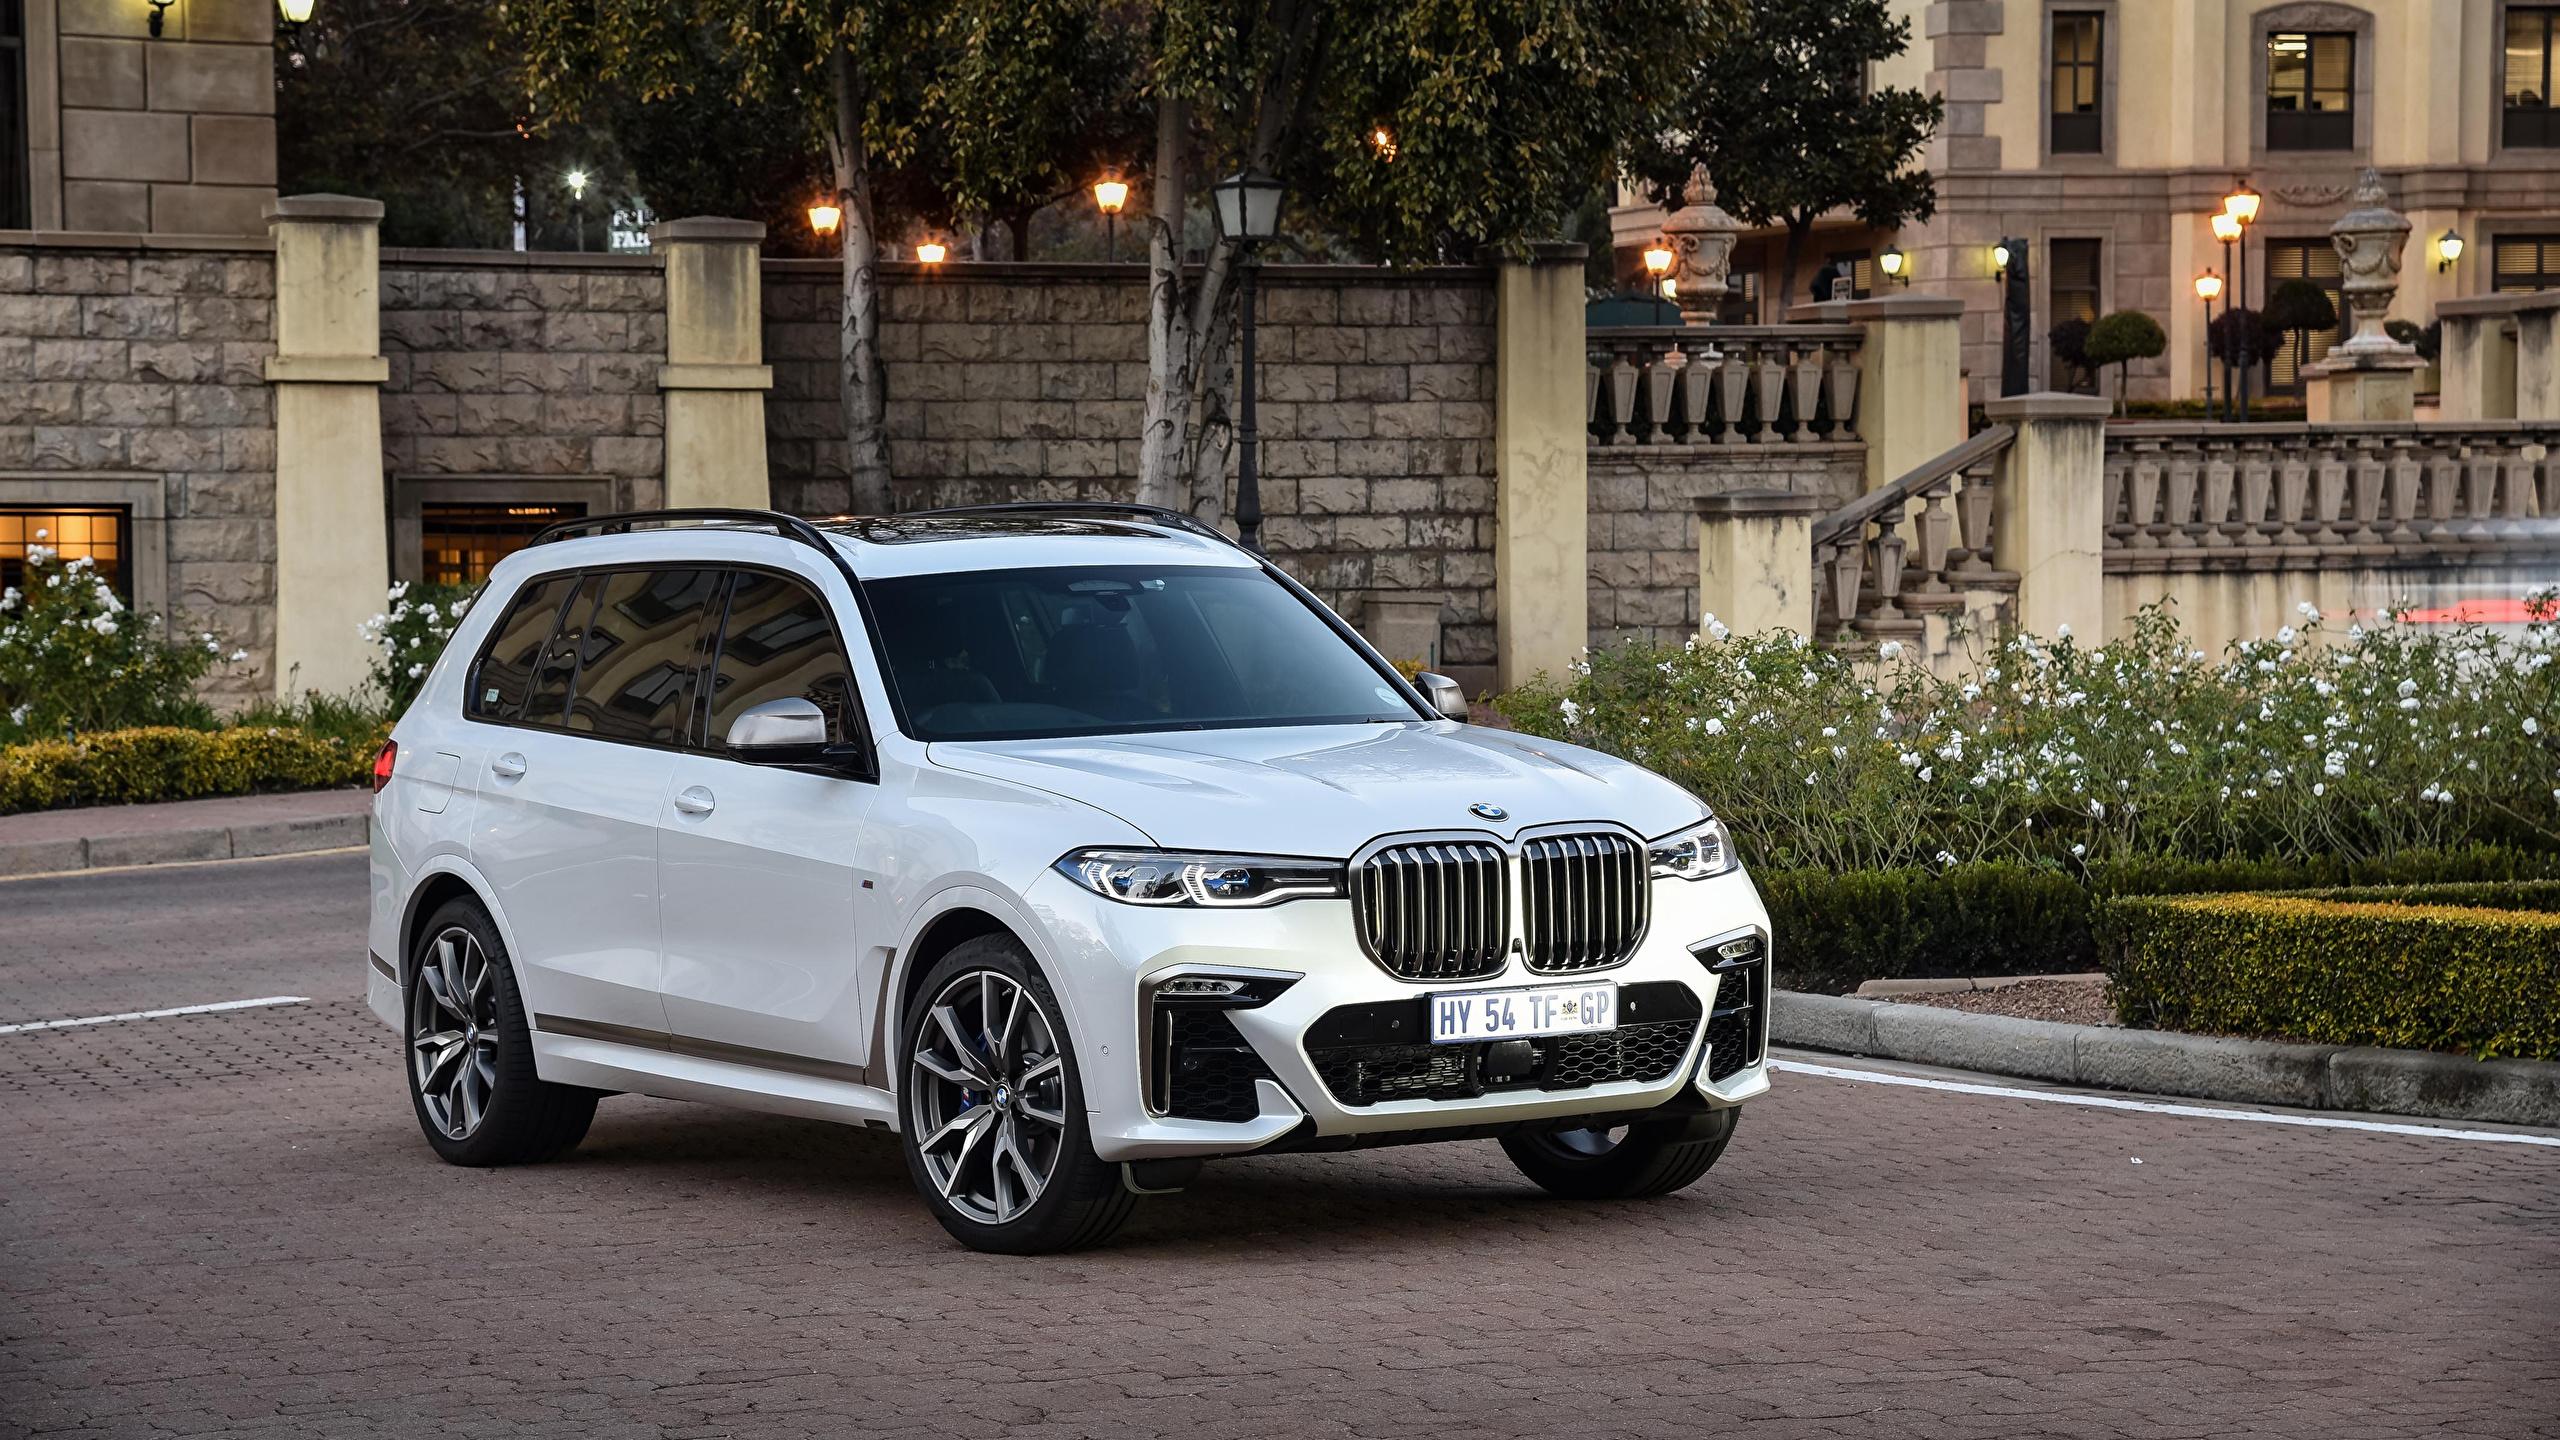 Картинка BMW Кроссовер 2019 X7 M50d Белый машина Металлик 2560x1440 БМВ CUV белая белые белых авто машины Автомобили автомобиль